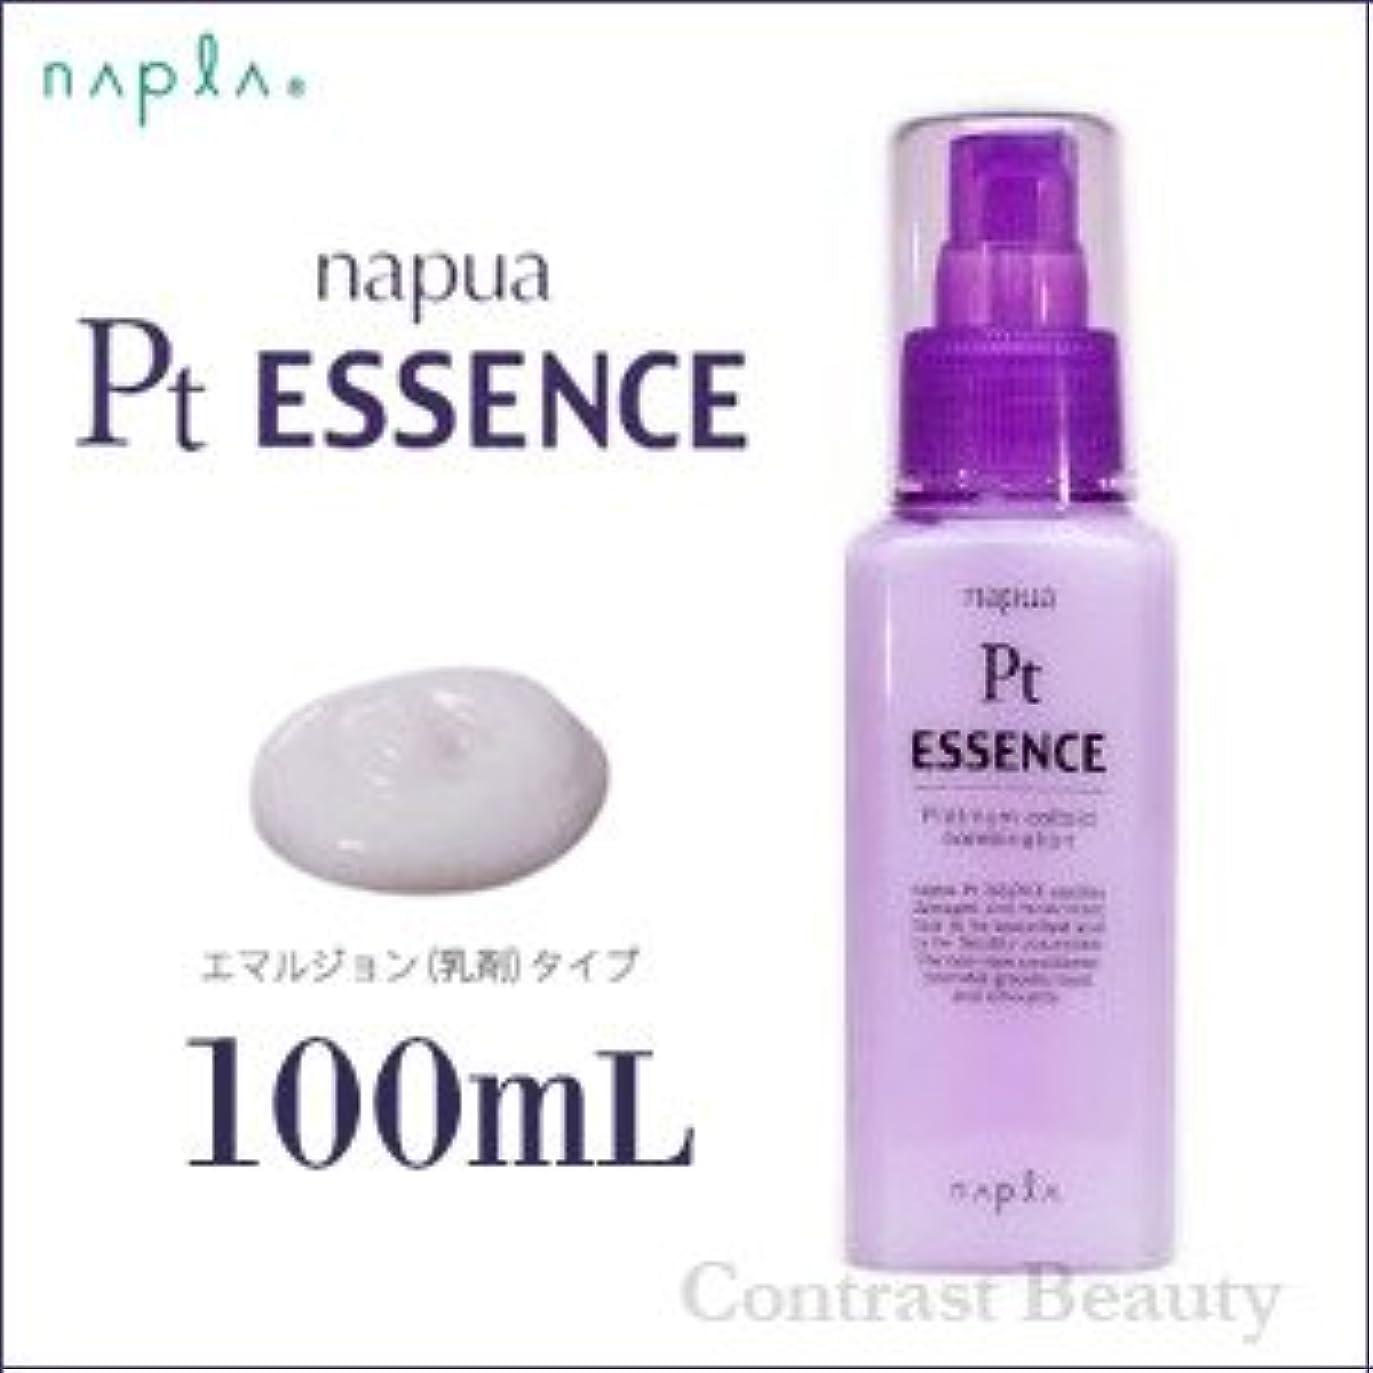 減らす豆サイト【X5個セット】 ナプラ ナピュア Ptエッセンス 100ml napla